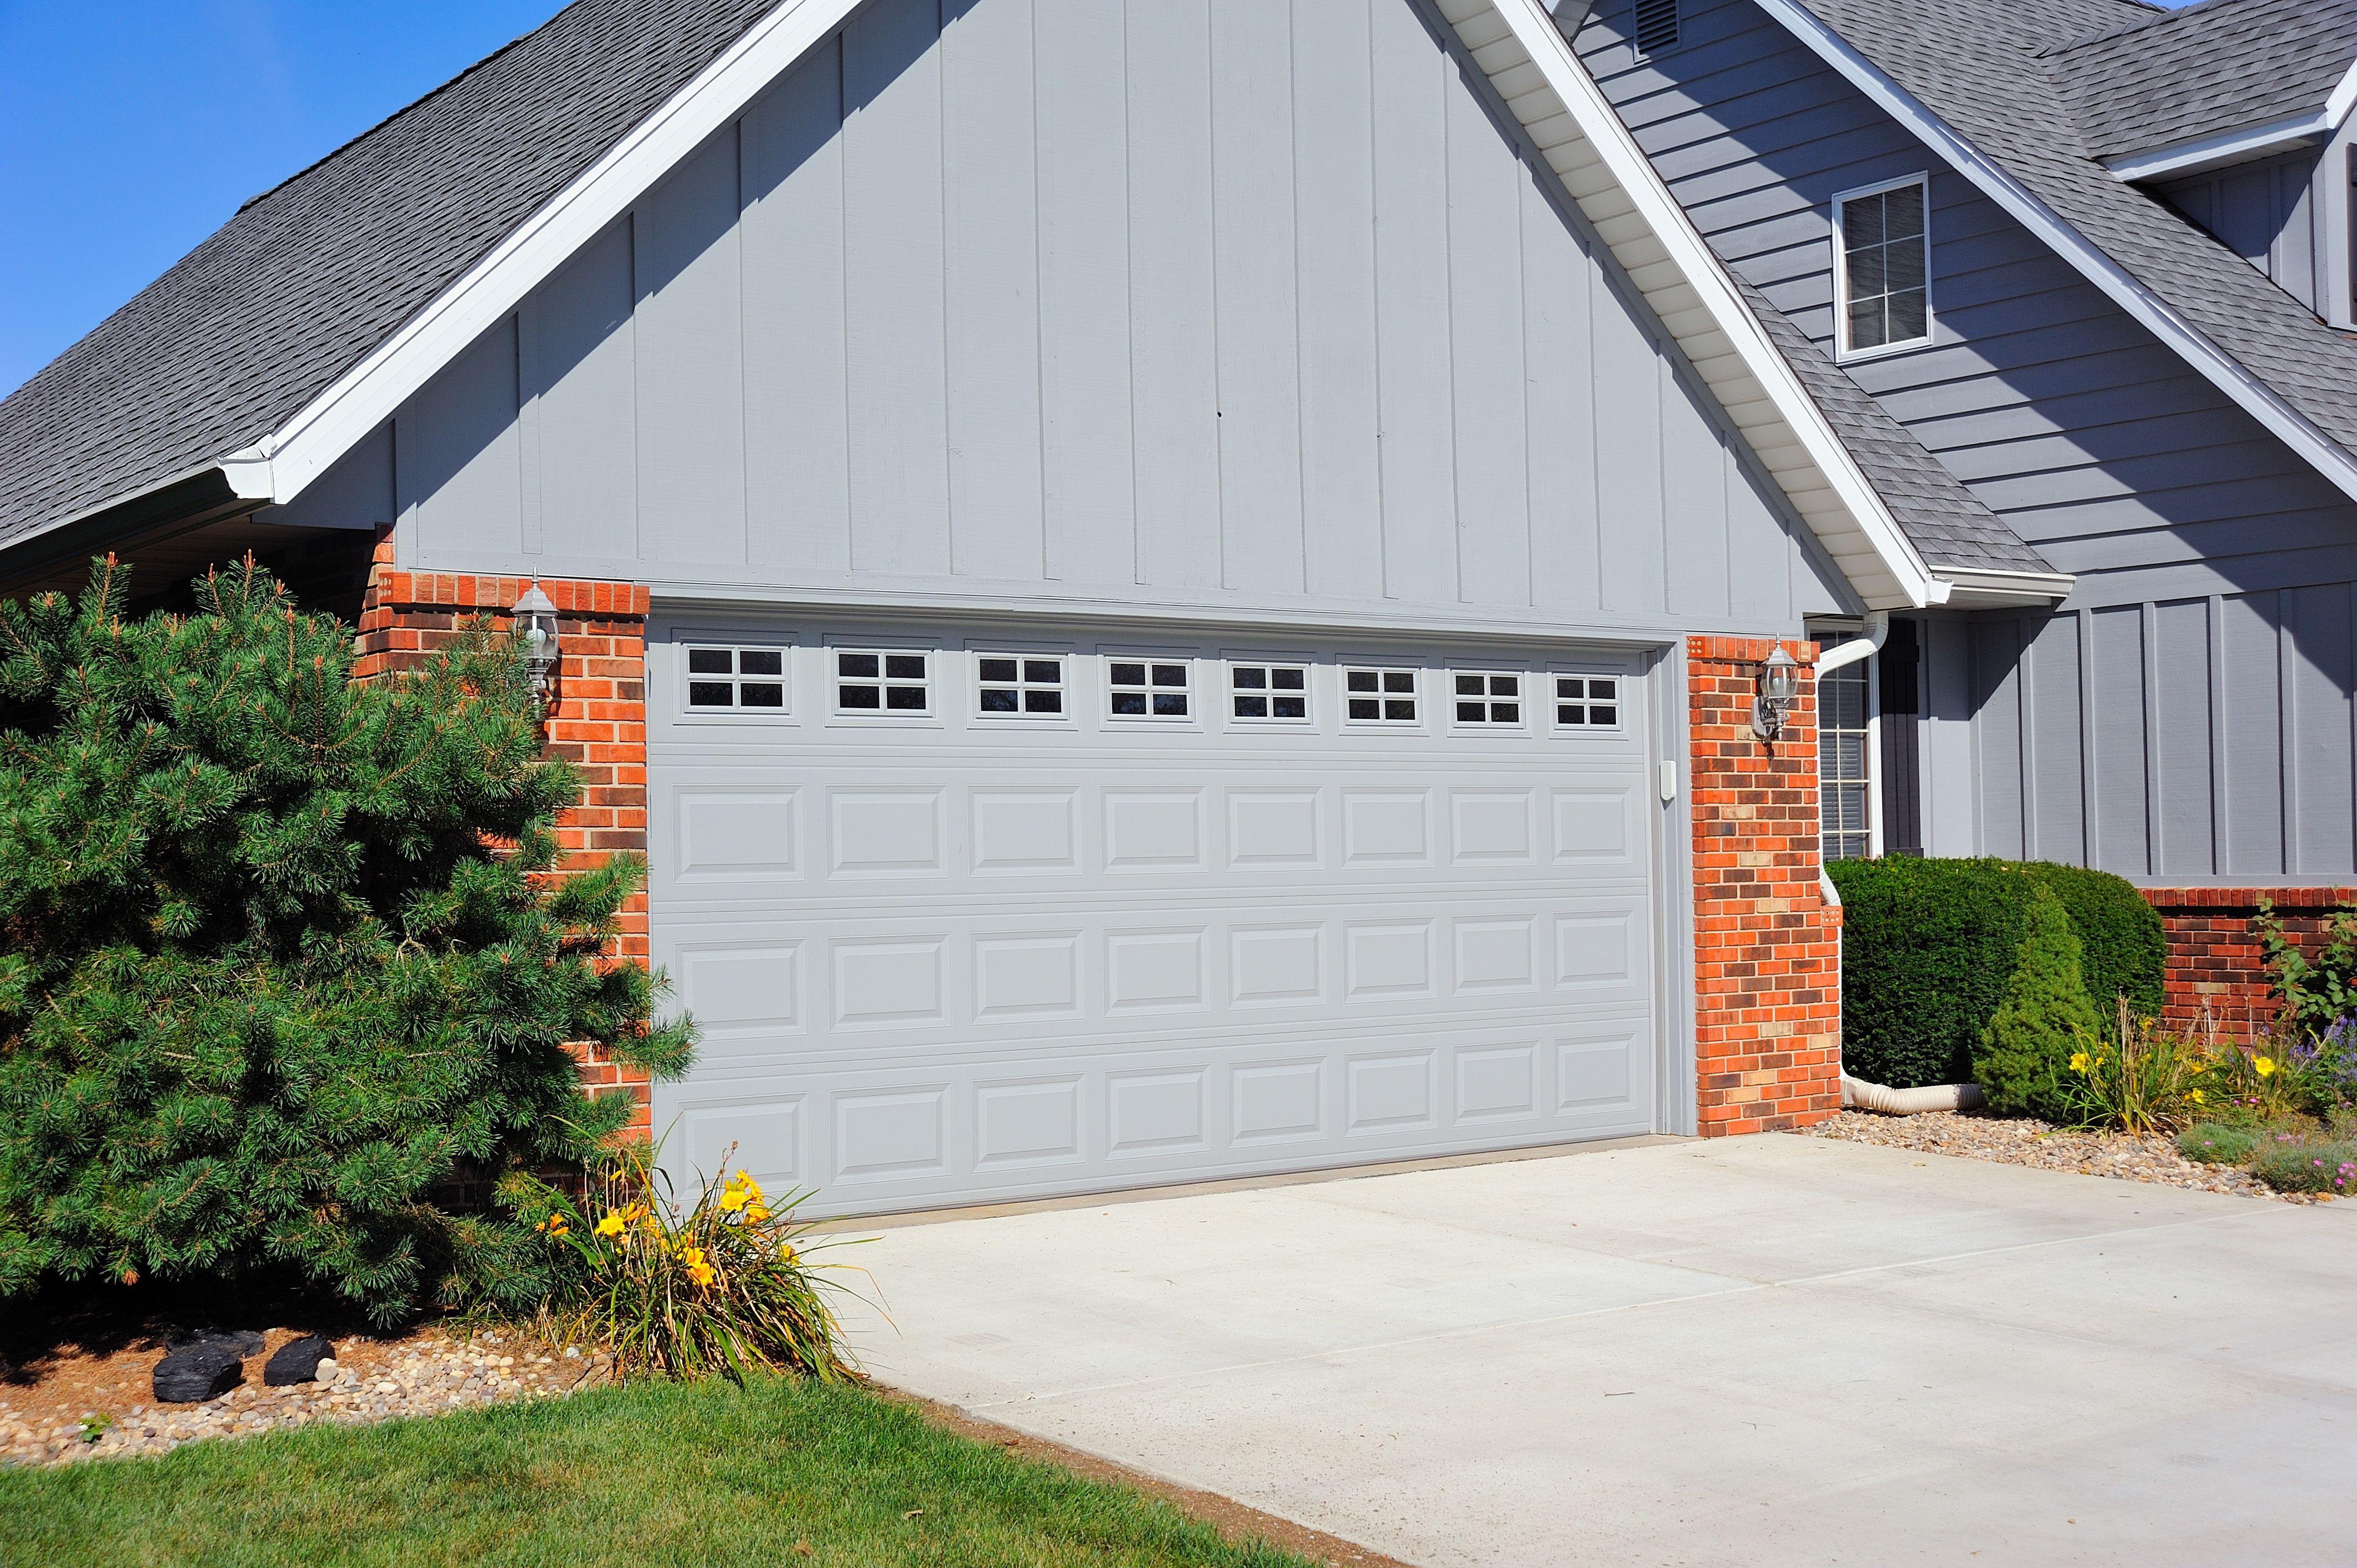 Glass overhead doors -  C H I Overhead Doors Steel Raised Panel Garage Doors In Grey With Stockton Glass